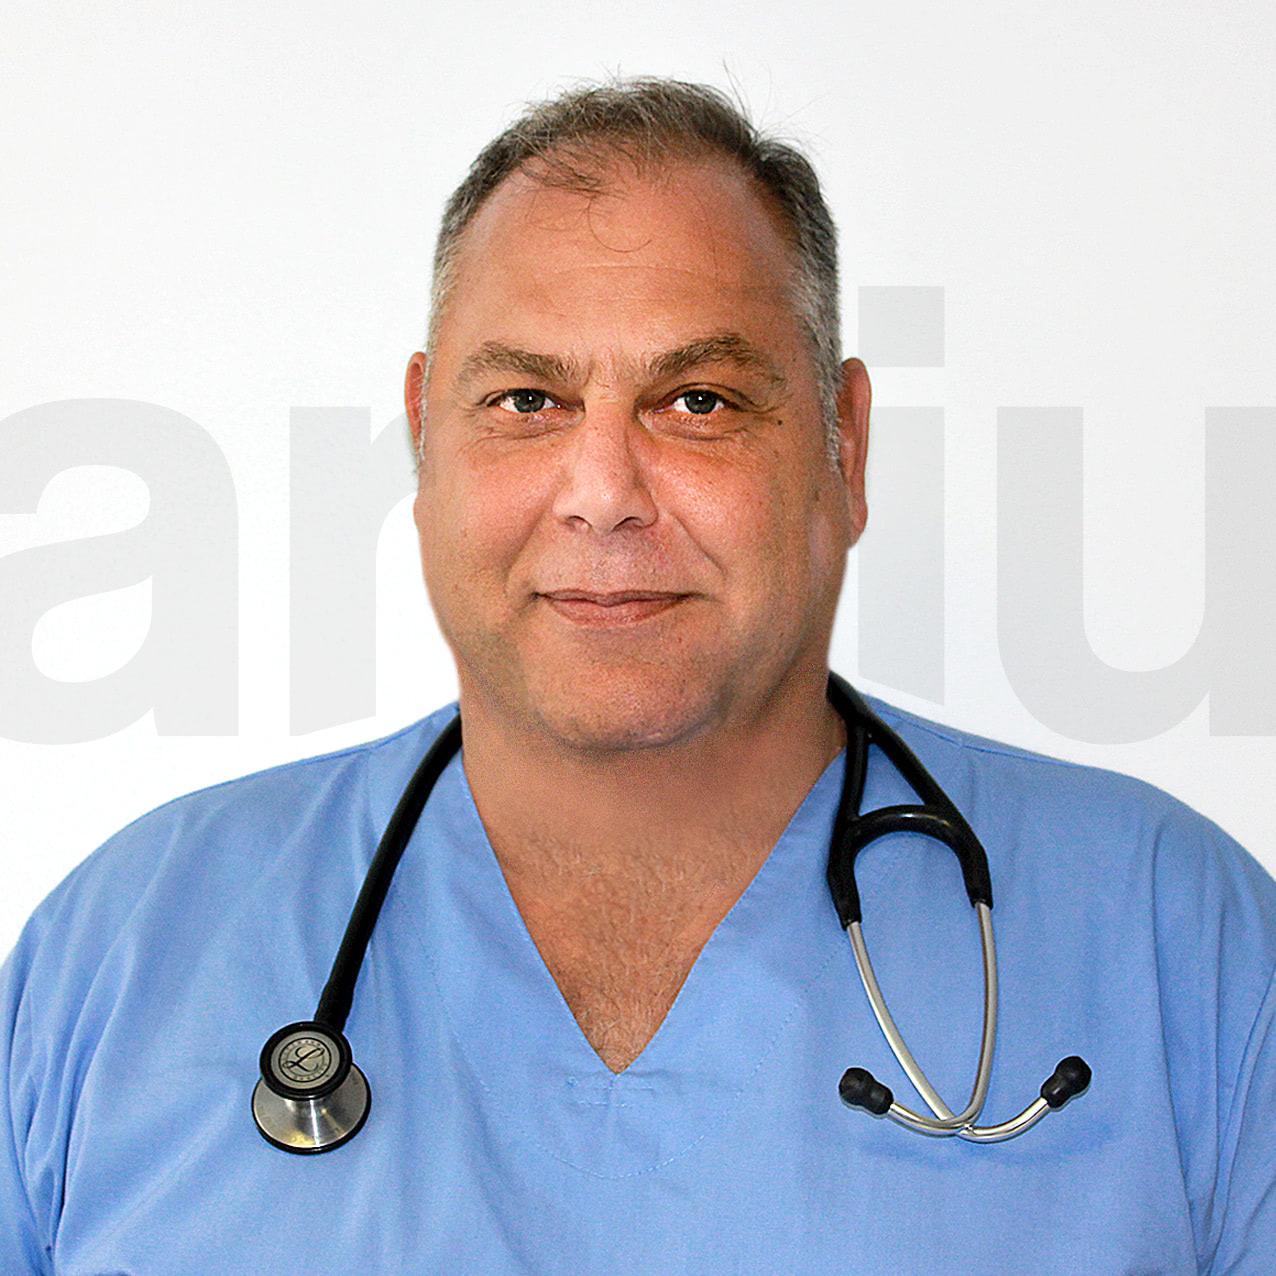 Δρ Χουρμούζιος Αραμπατζής